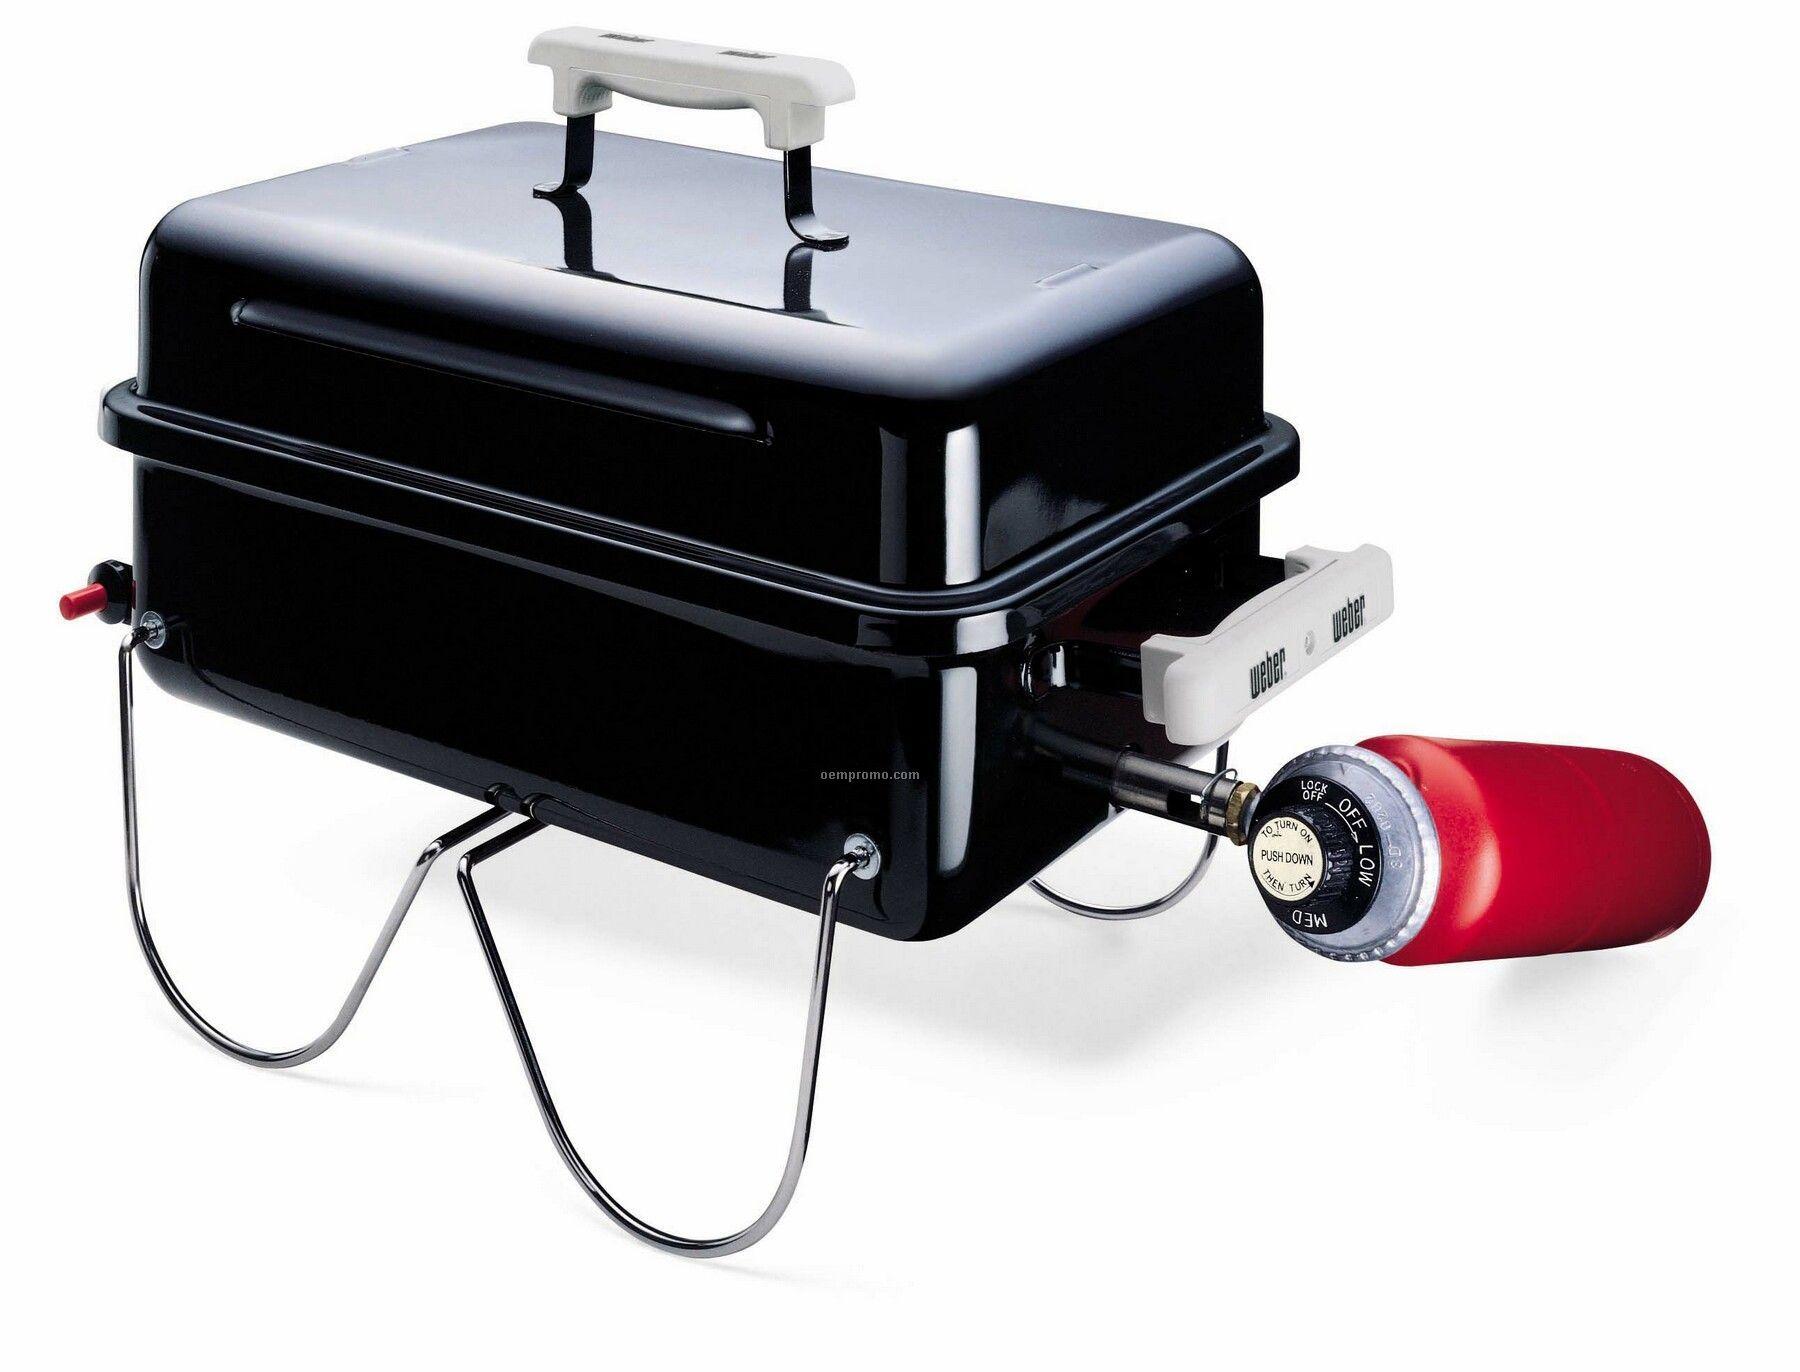 weber grill go anywhere gordijn kinderkamer. Black Bedroom Furniture Sets. Home Design Ideas